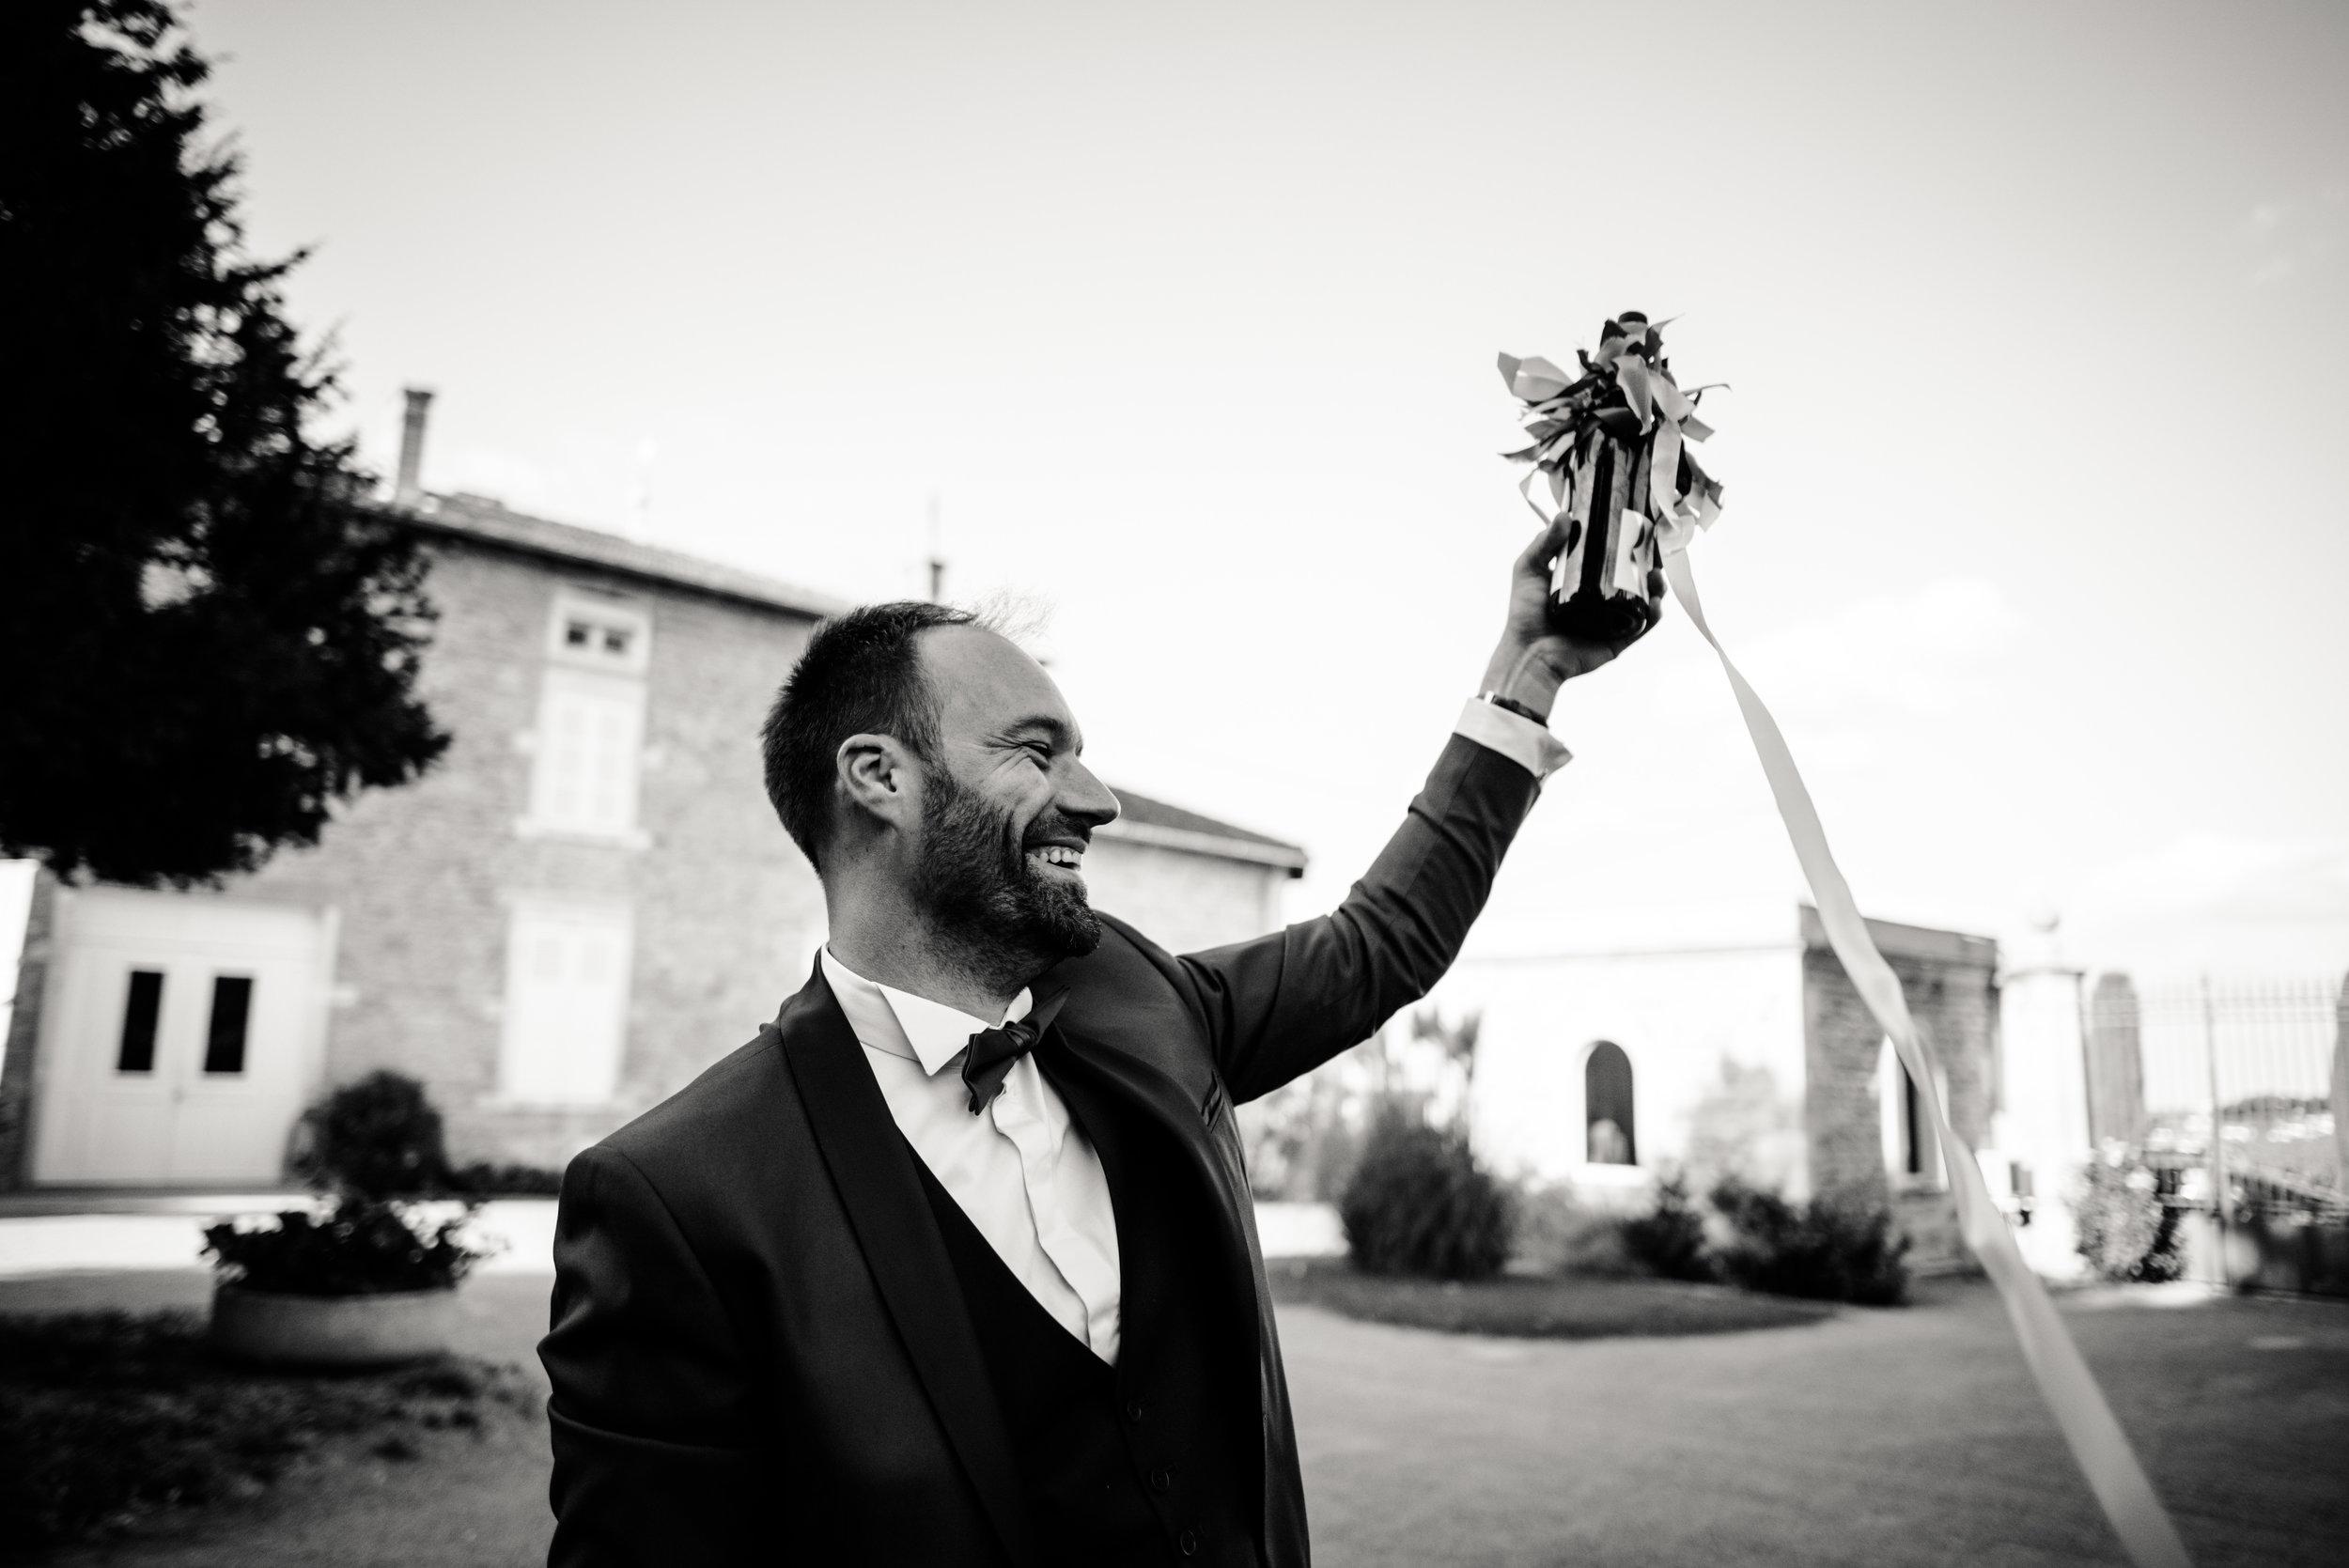 Léa-Fery-photographe-professionnel-lyon-rhone-alpes-portrait-creation-mariage-evenement-evenementiel-famille--78.jpg